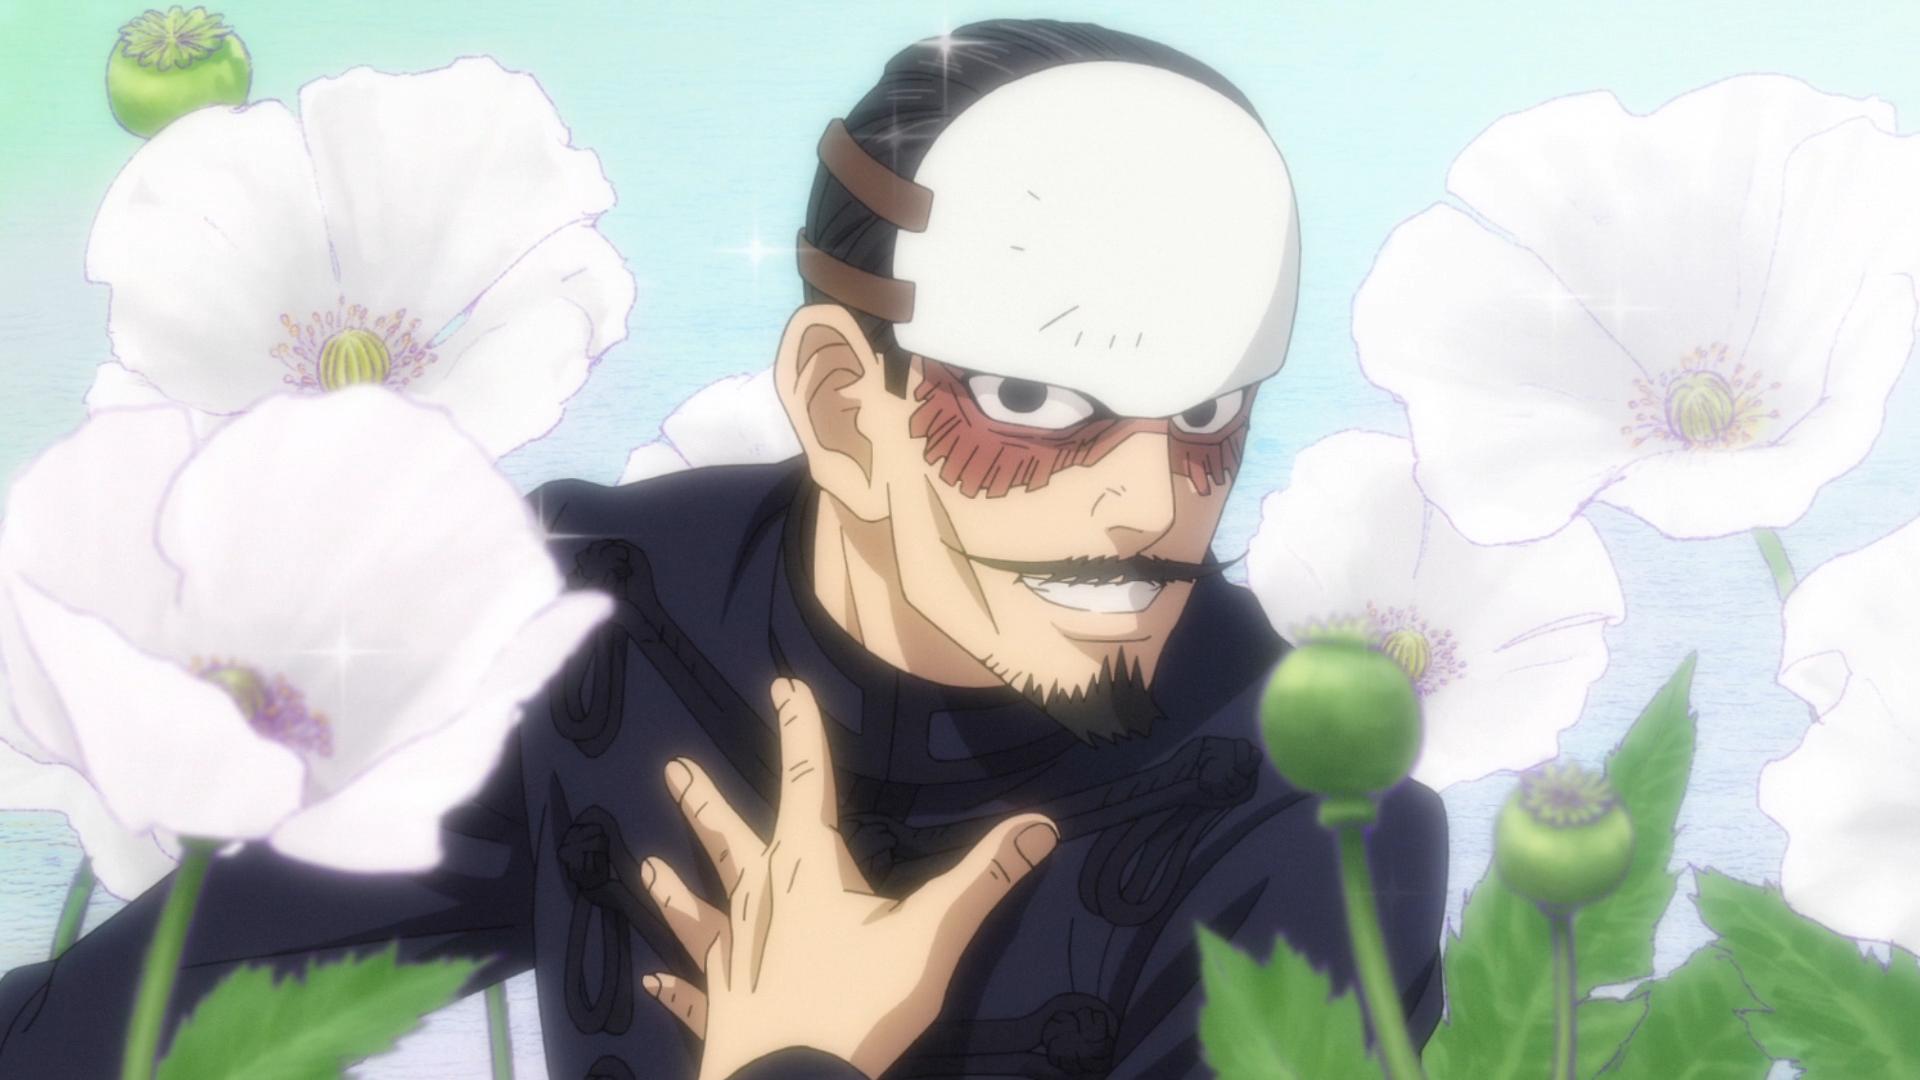 El primer teniente Tsurumi ocupa un lugar preponderante en la imaginación de él, el segundo teniente Otonoshin Koito, en una escena del anime de televisión Golden Kamuy.